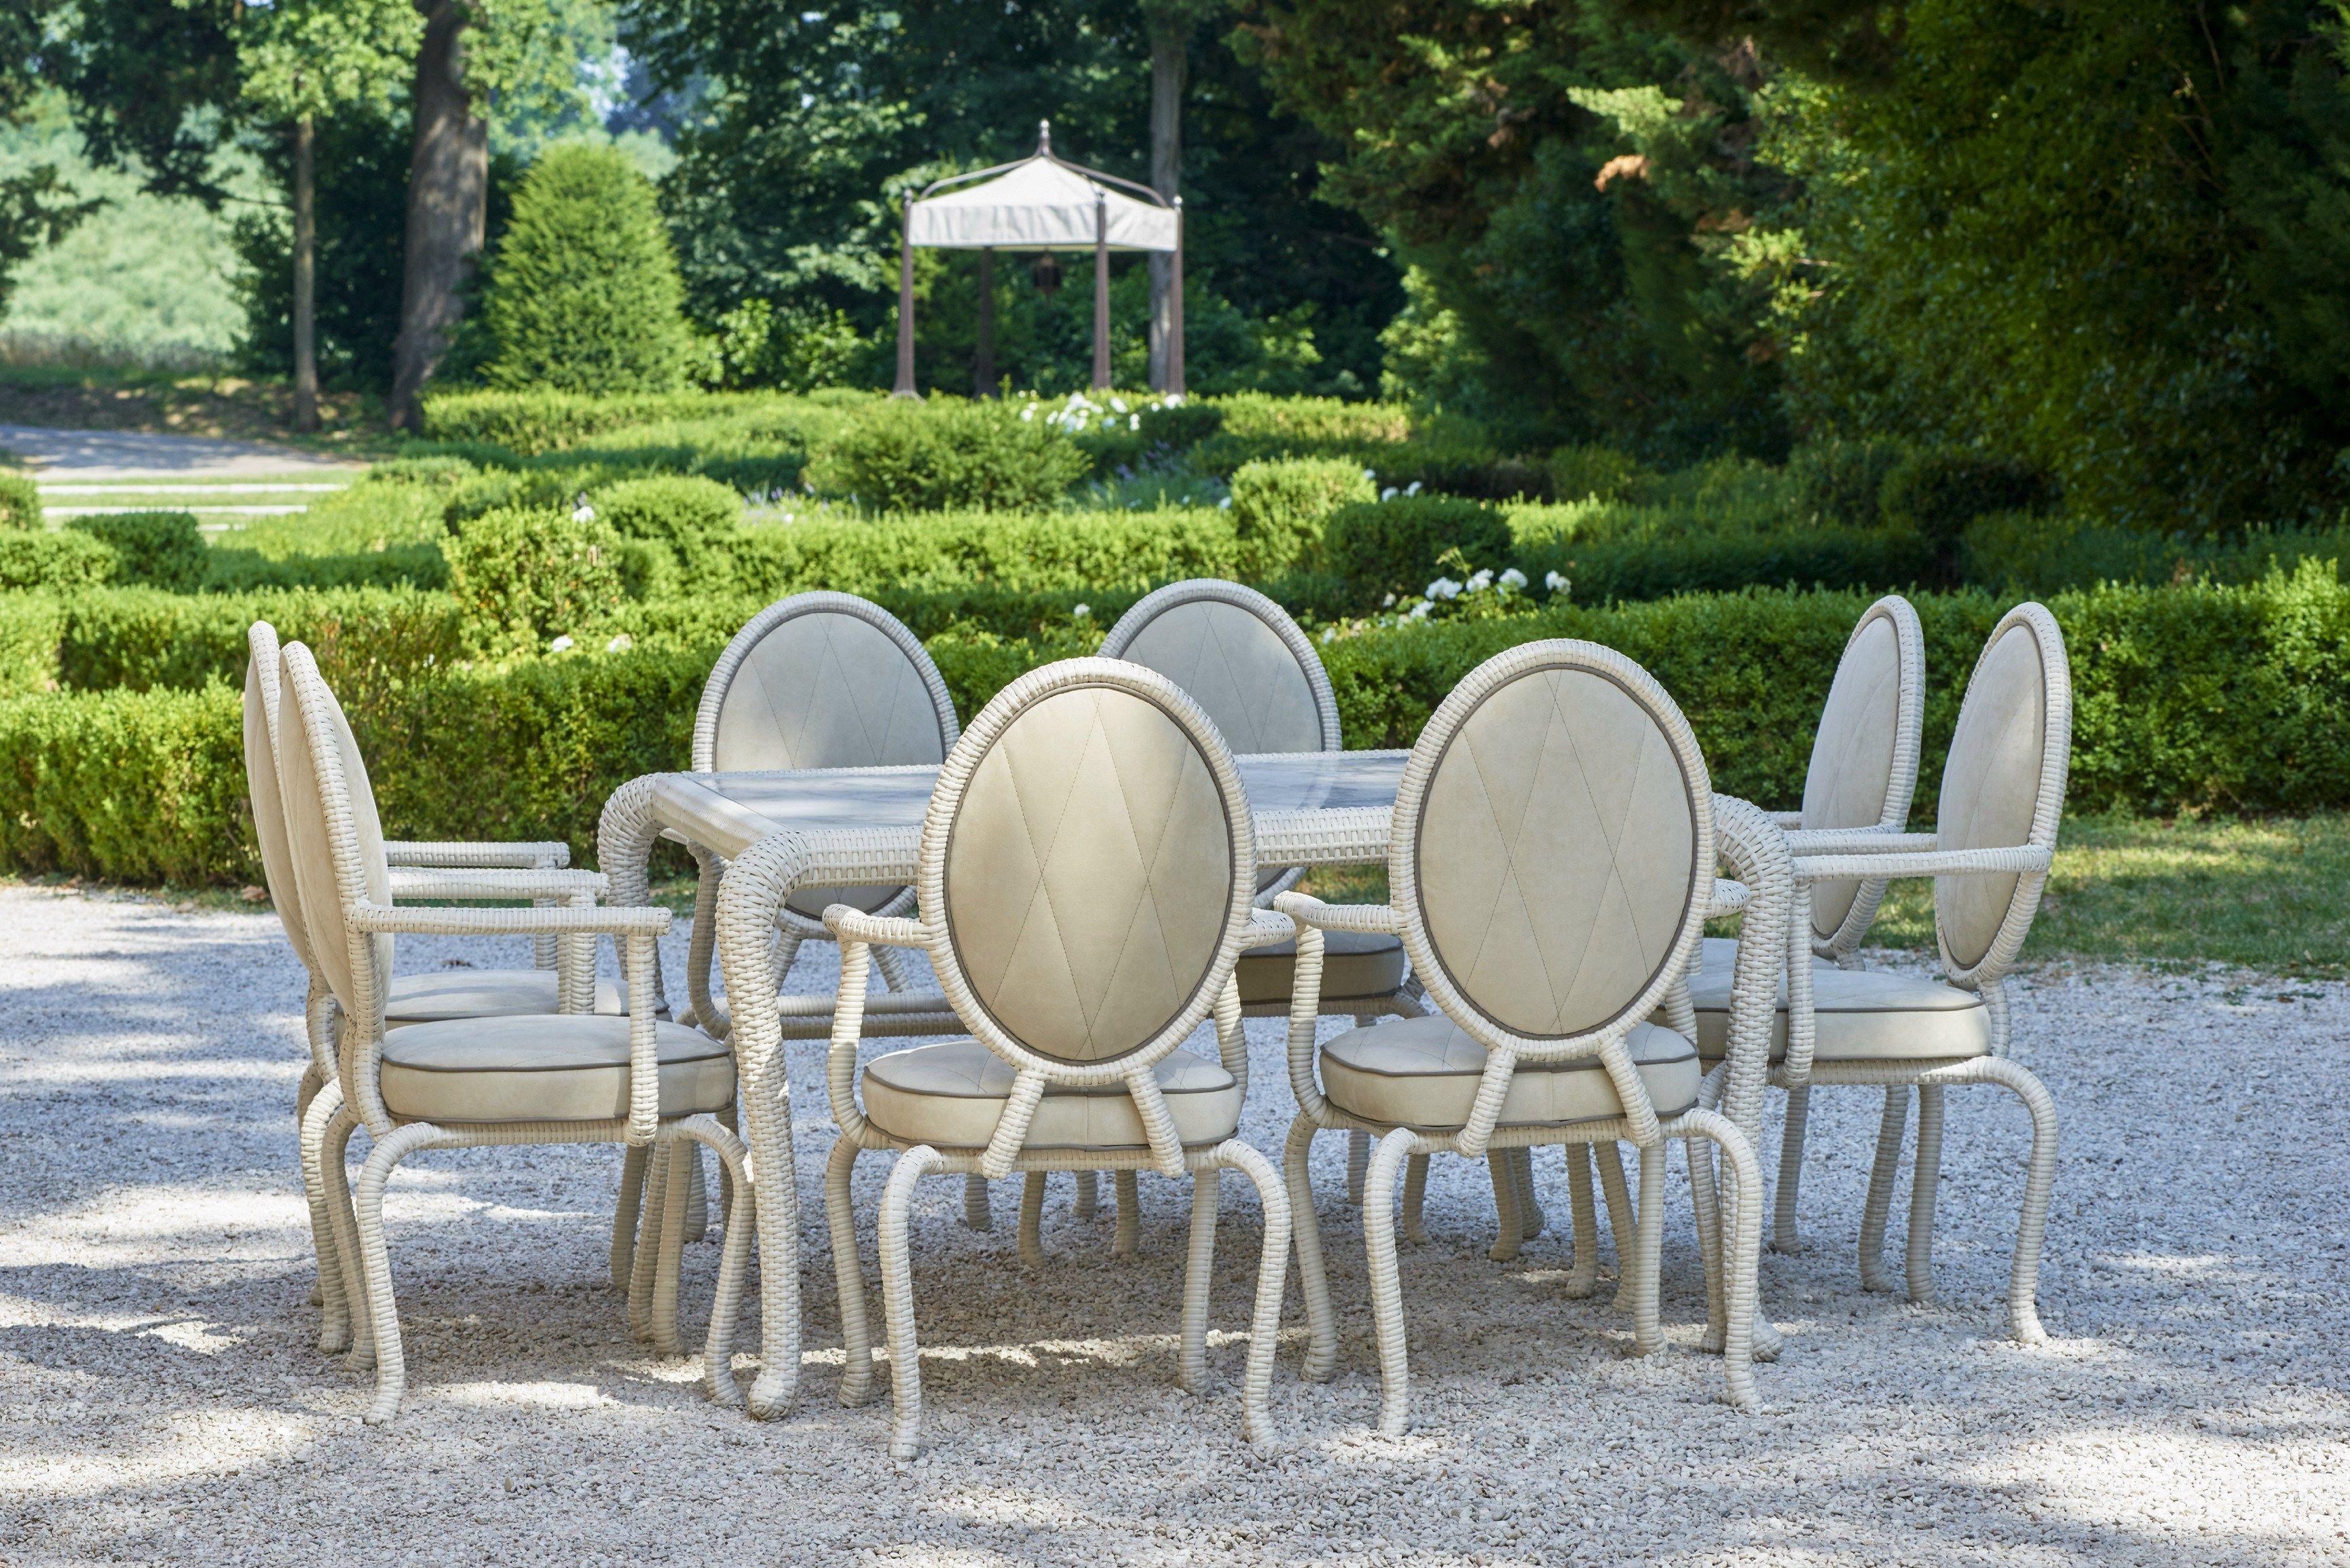 CANOPO BRIDGE Sedia Da Giardino By Samuele Mazza Outdoor Collection By  #79913A 3462 2310 Tavolo Da Pranzo Per Giardino